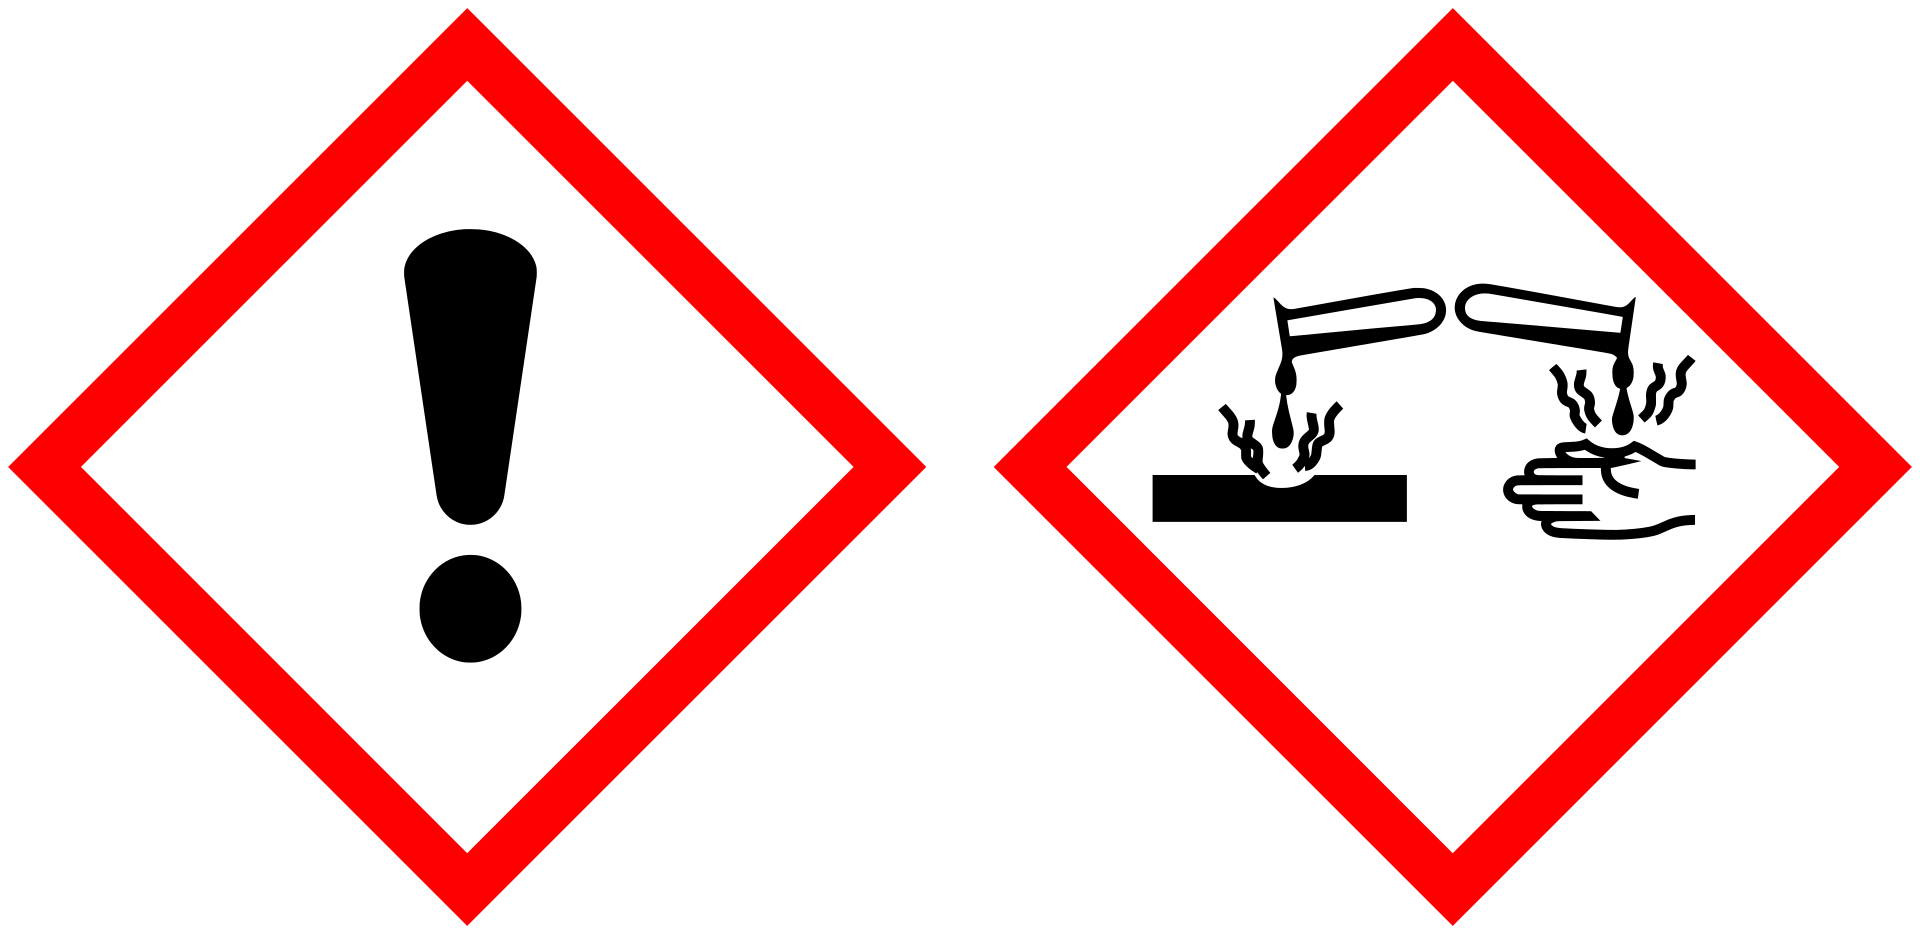 Ilustracja przedstawia dwa znaki ostrzegawcze wobowiązującym standardzie: czarny piktogram na białym tle zczerwoną obwódką okształcie obróconego o45 stopni kwadratu. Piktogram zlewej strony ma kształt wykrzyknika, natomiast piktogram zprawej przedstawia żrące ciecze kapiące zdwóch probówek na metalową powierzchnię oraz ludzką dłoń.